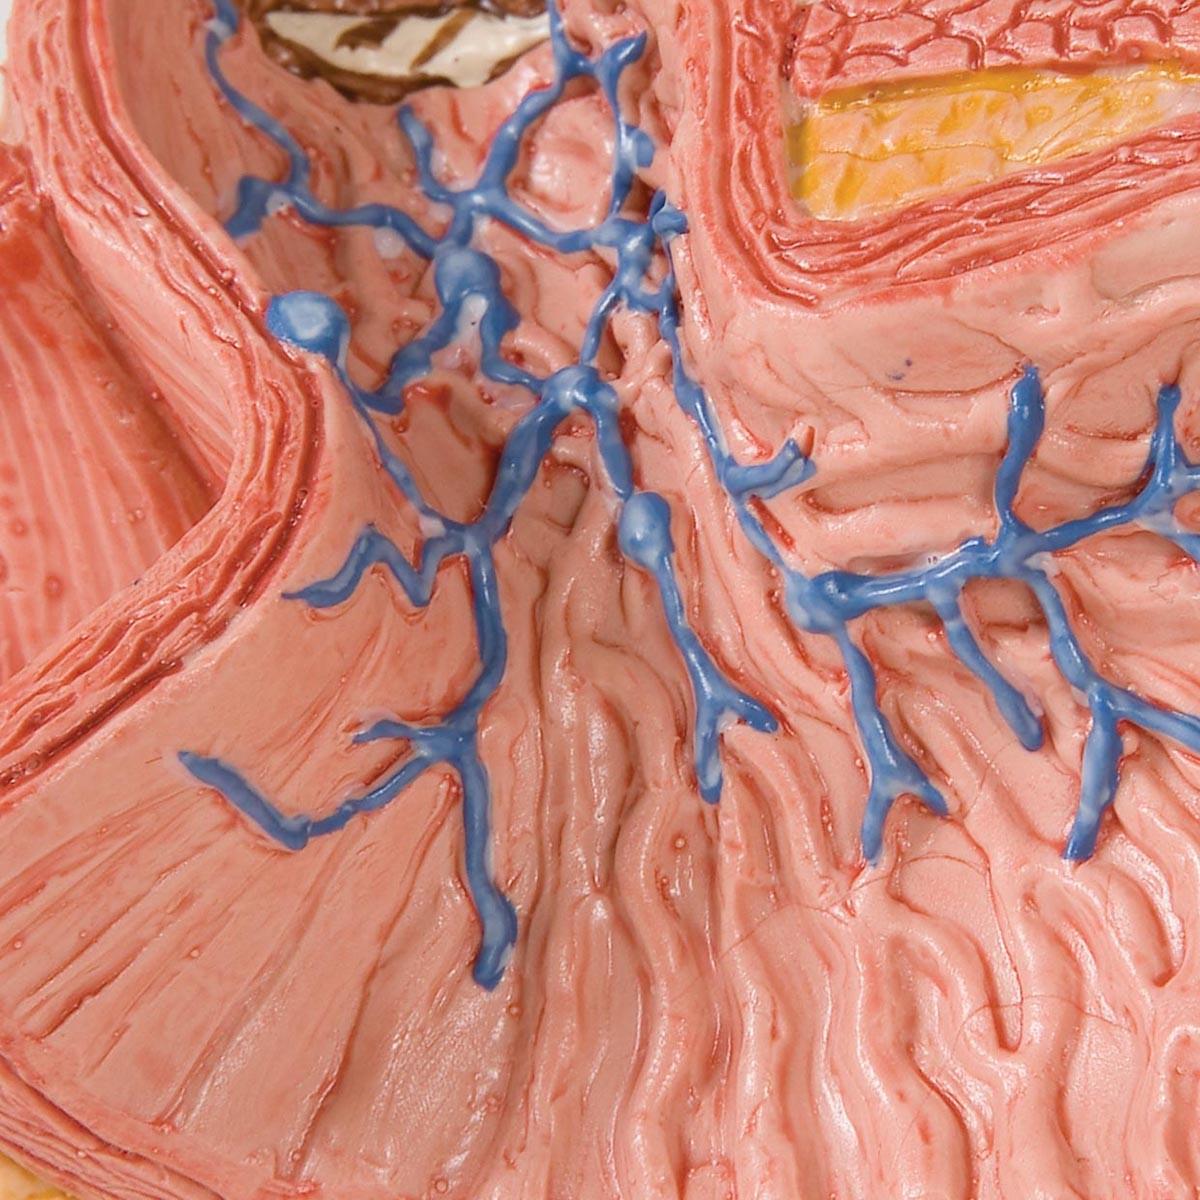 Erkrankungen der Speiseröhre